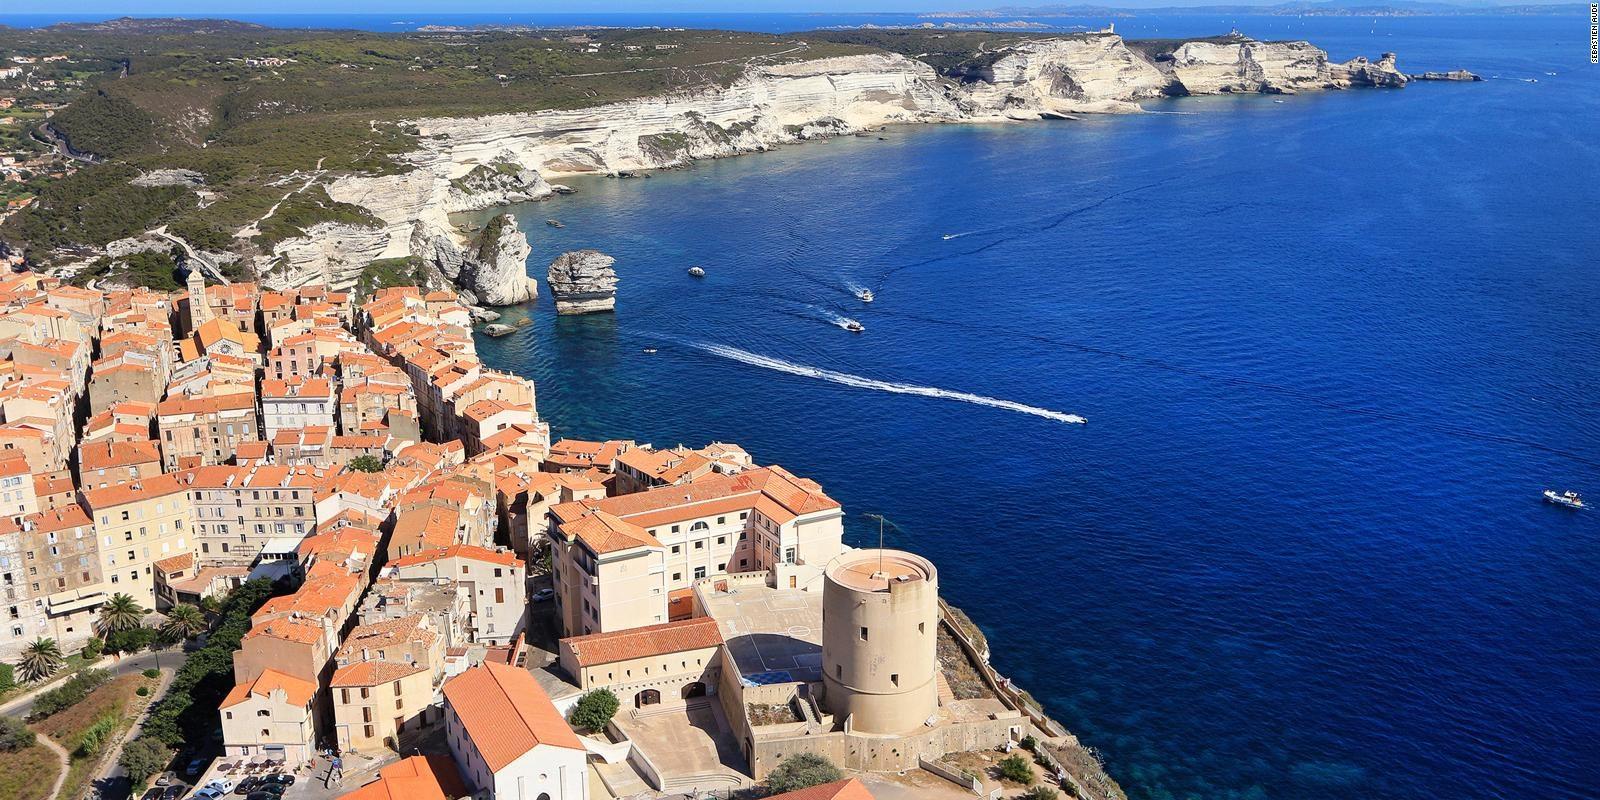 Hotel Version Maquis Santa Manza Bonifacio Corsica Frankrijk citadel falaises klif zee boten